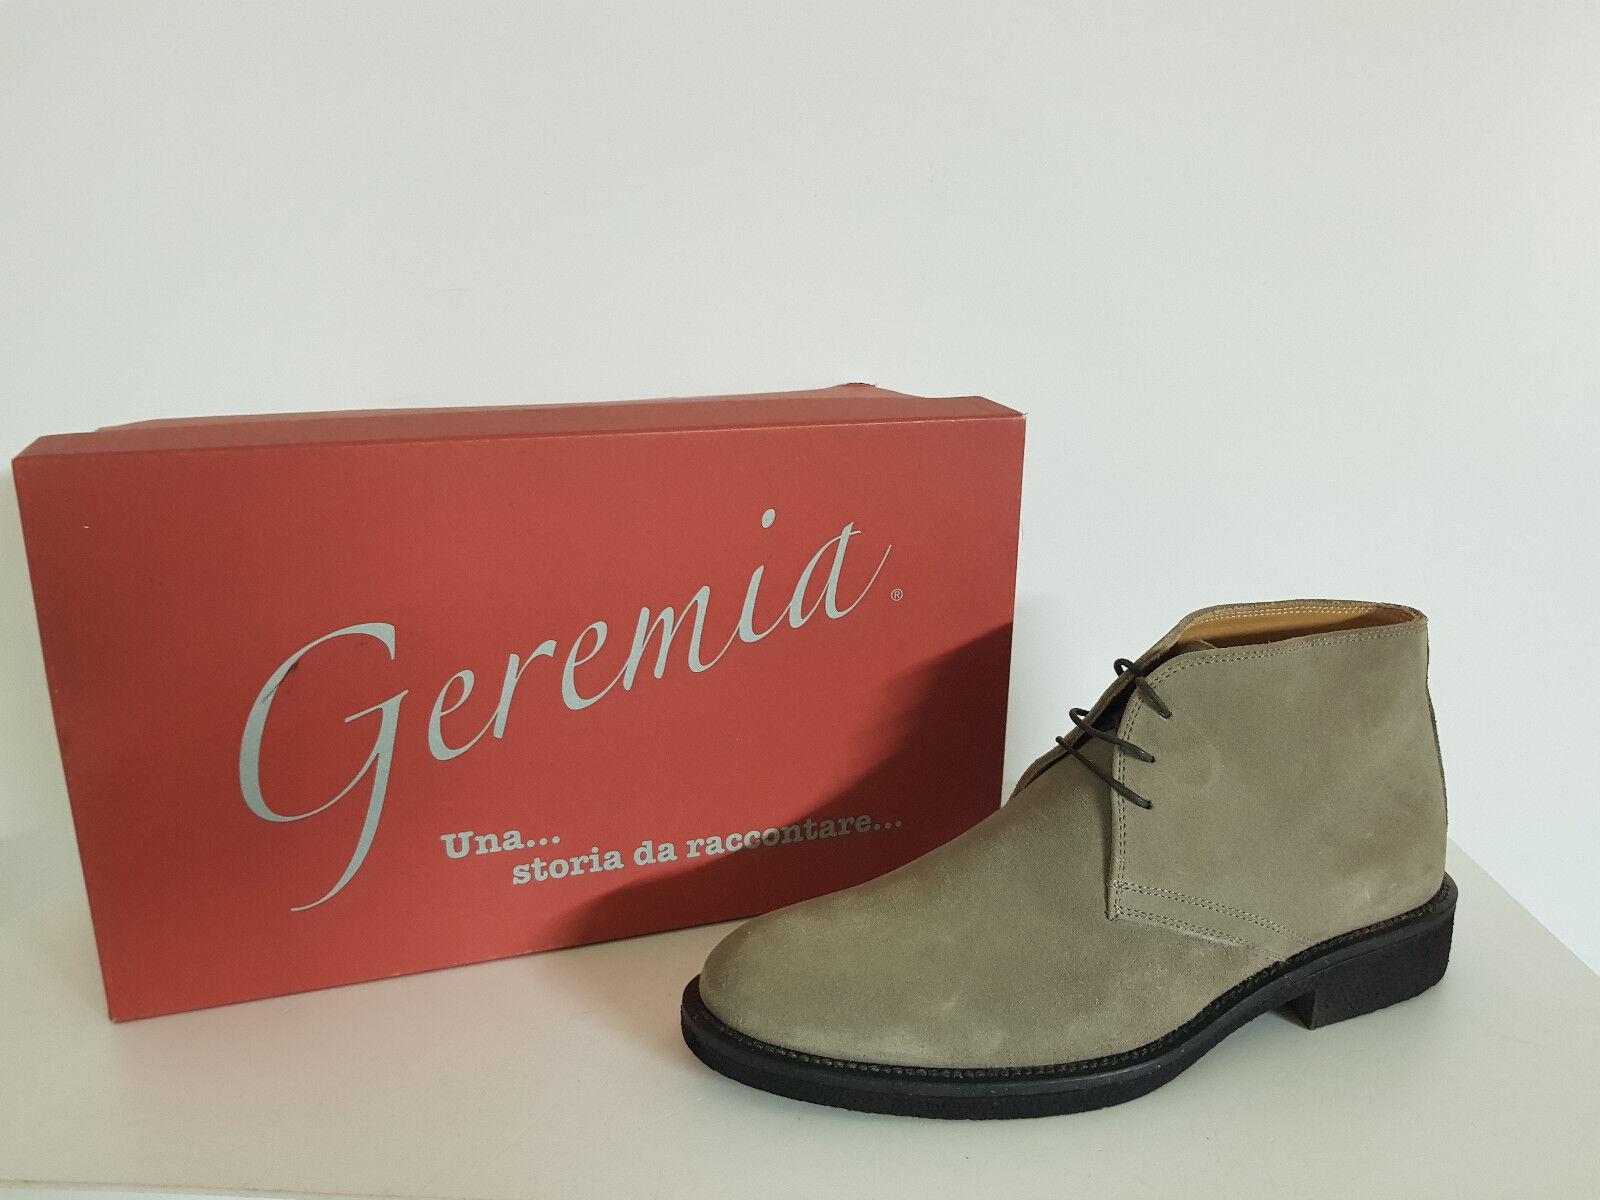 Herren Schuhe Geremia Rabatt. - 60%Nr. 605-4970F Velour Schiefer Col. beige